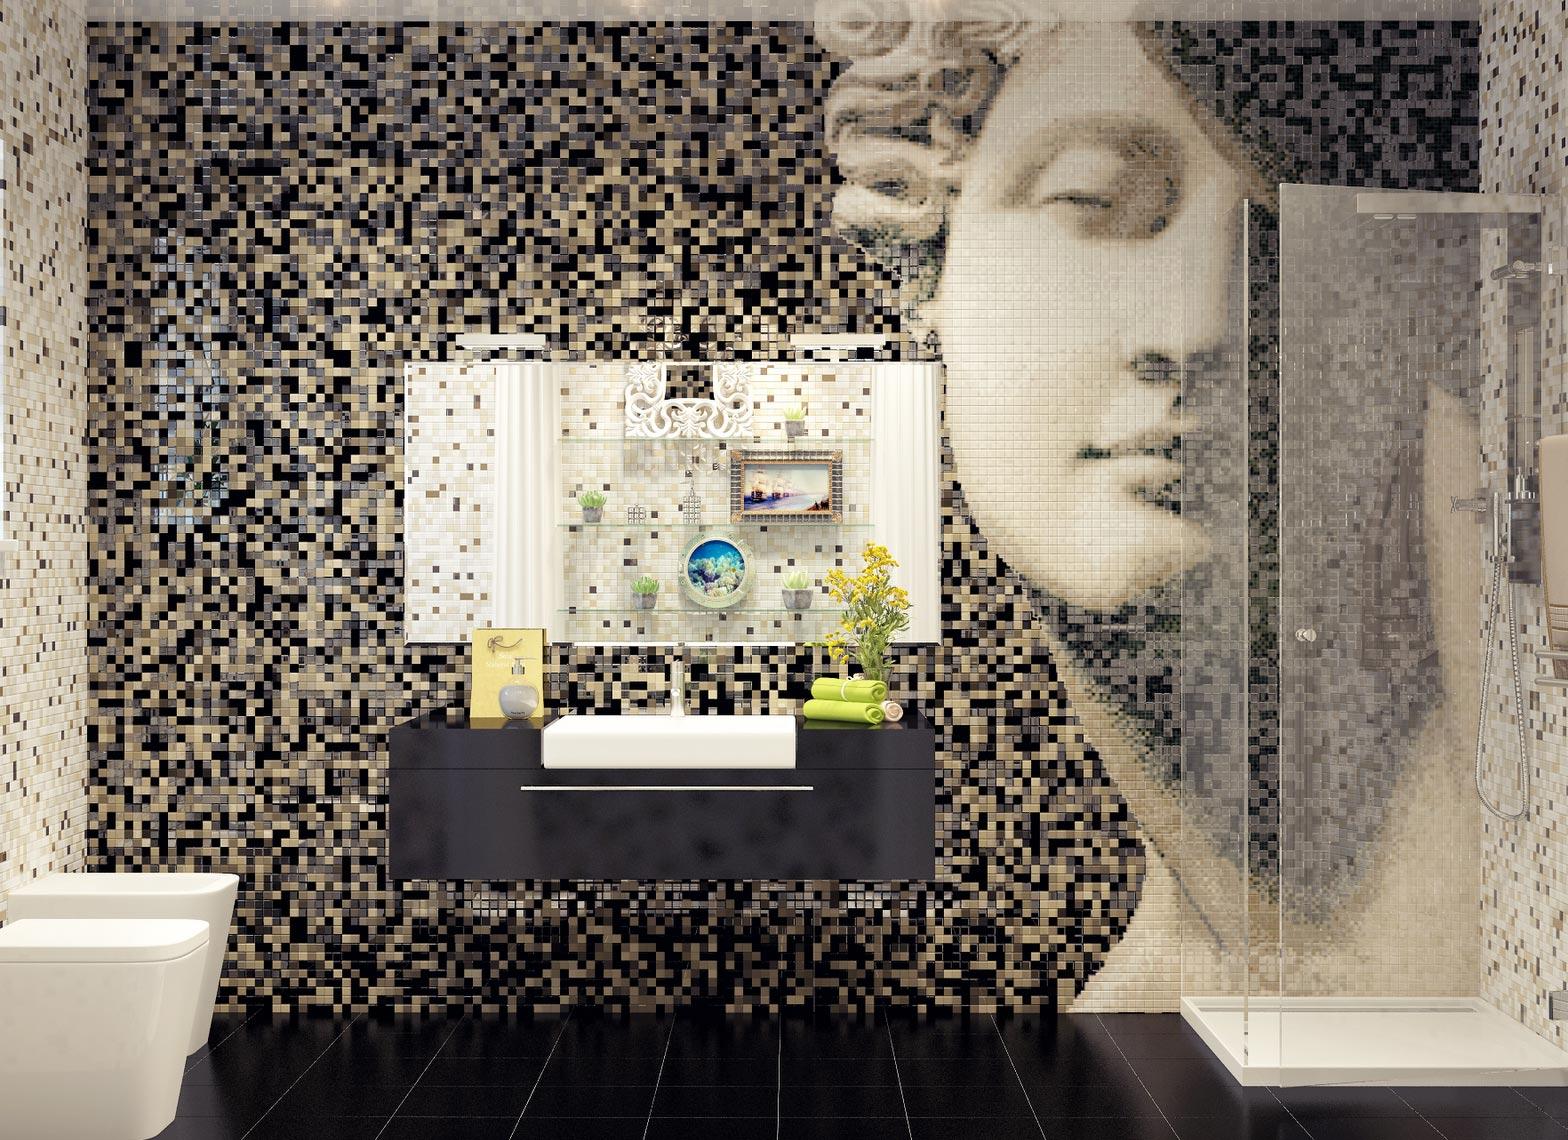 мозаика в ванной на стене